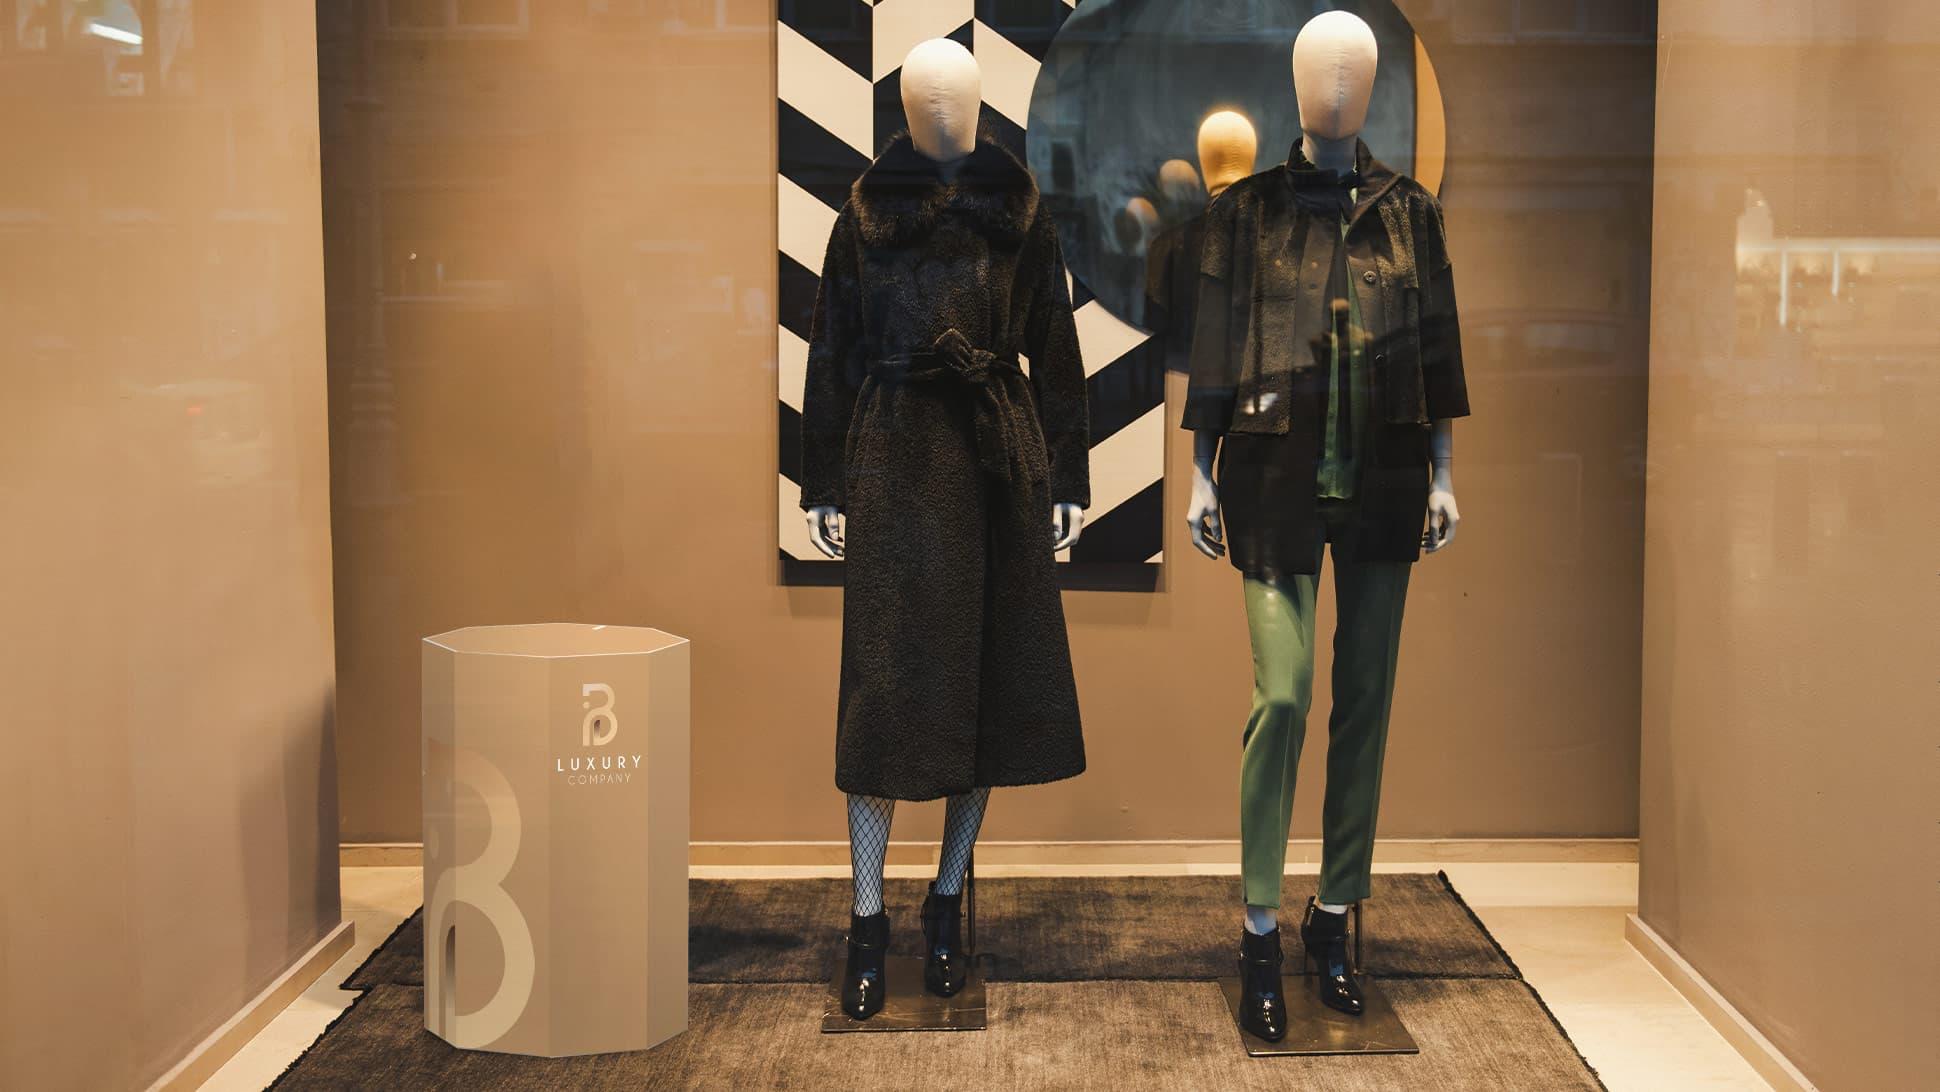 Ottagono decorativo in laminil medio-grande vetrina negozio di moda | tictac.it